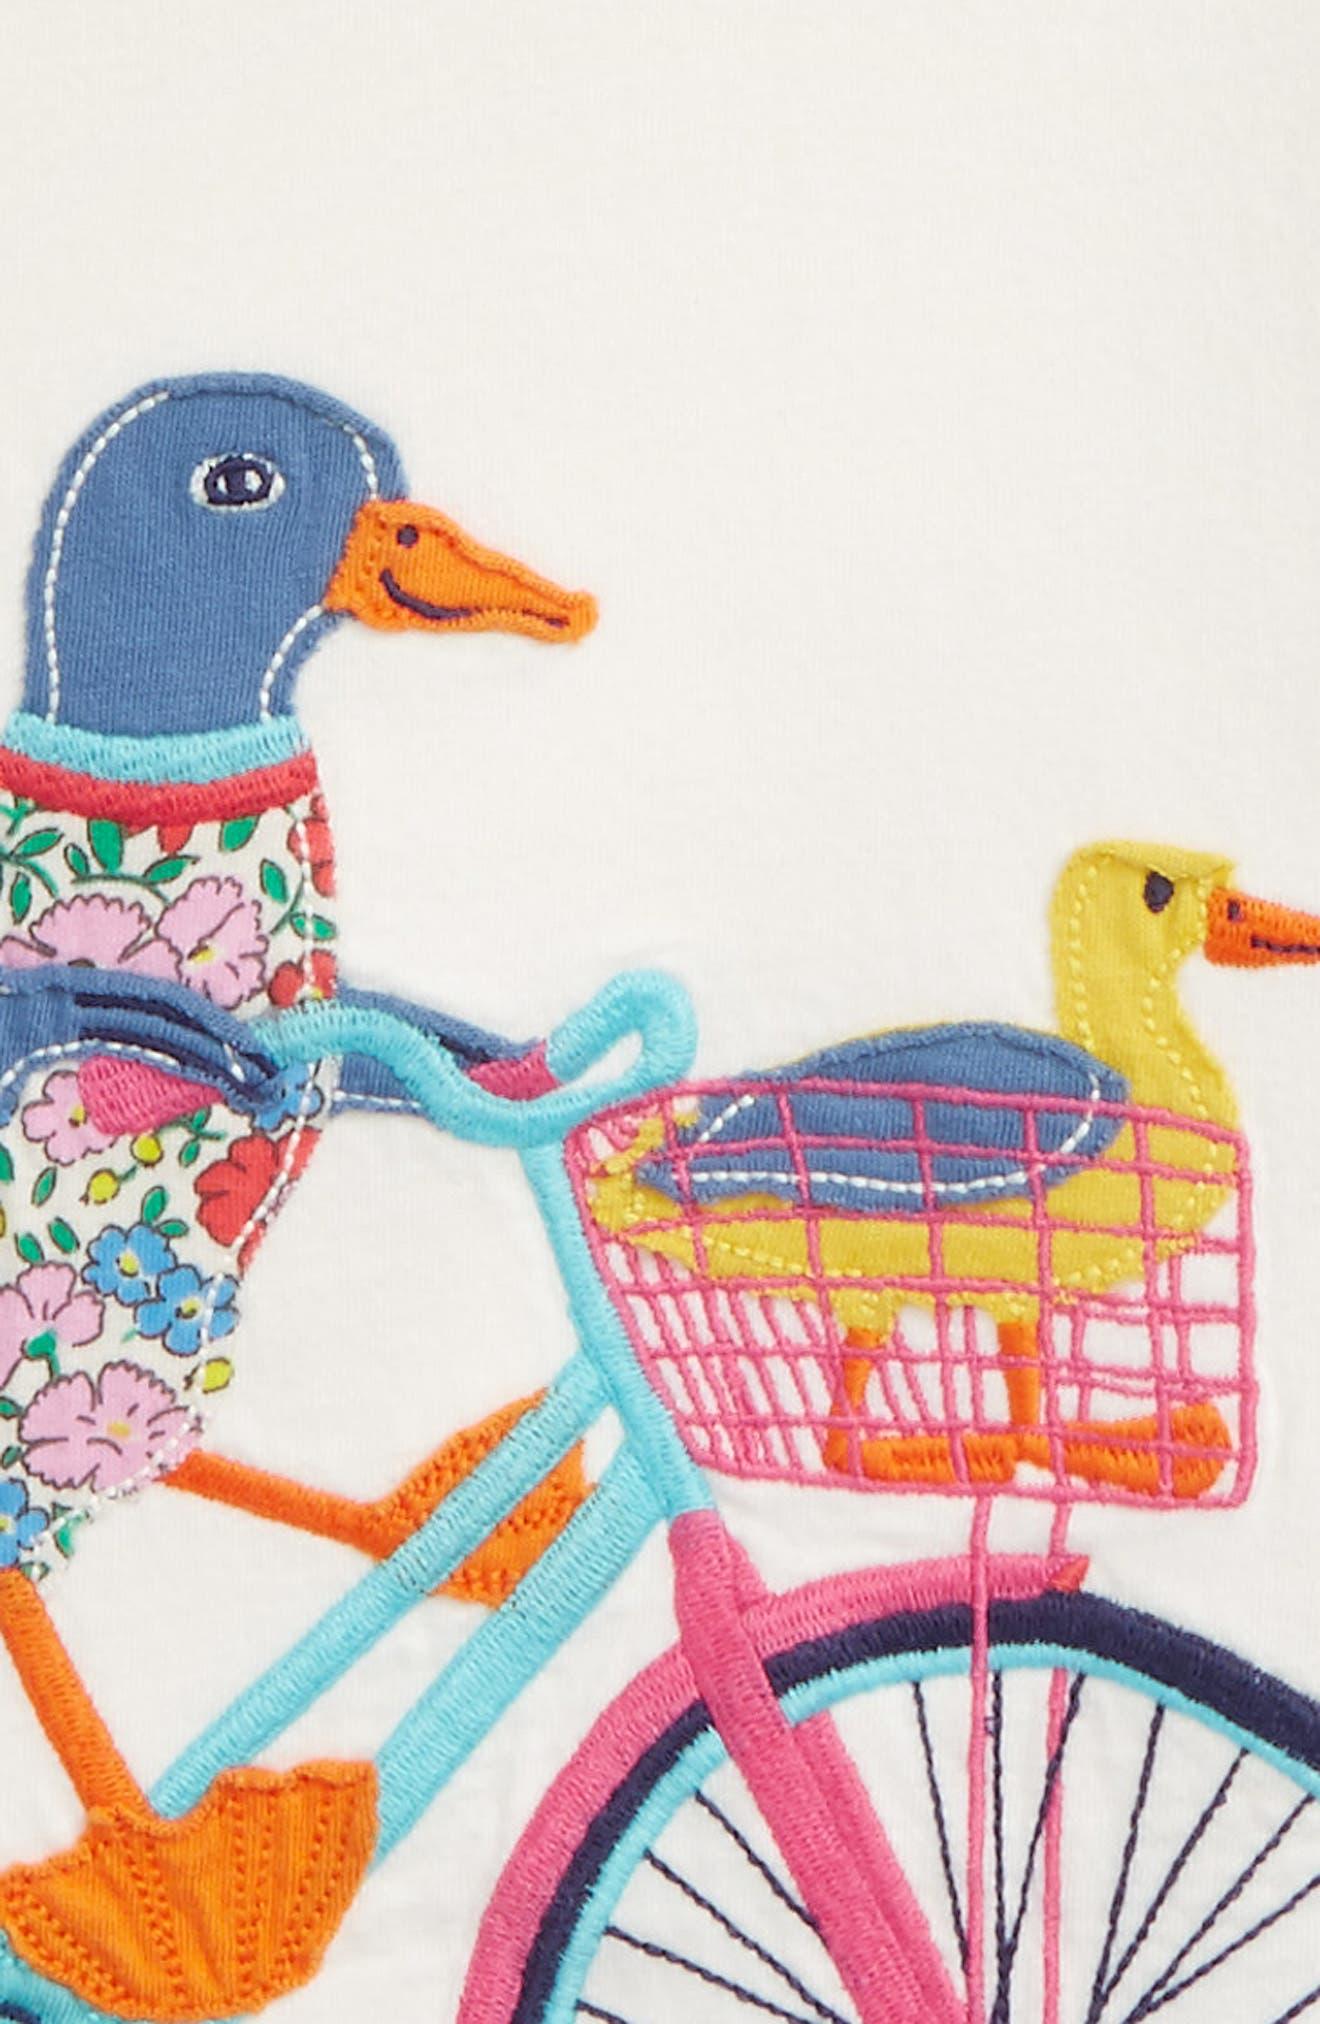 Patchwork Appliqué Tee,                             Alternate thumbnail 2, color,                             Ivory Ducks